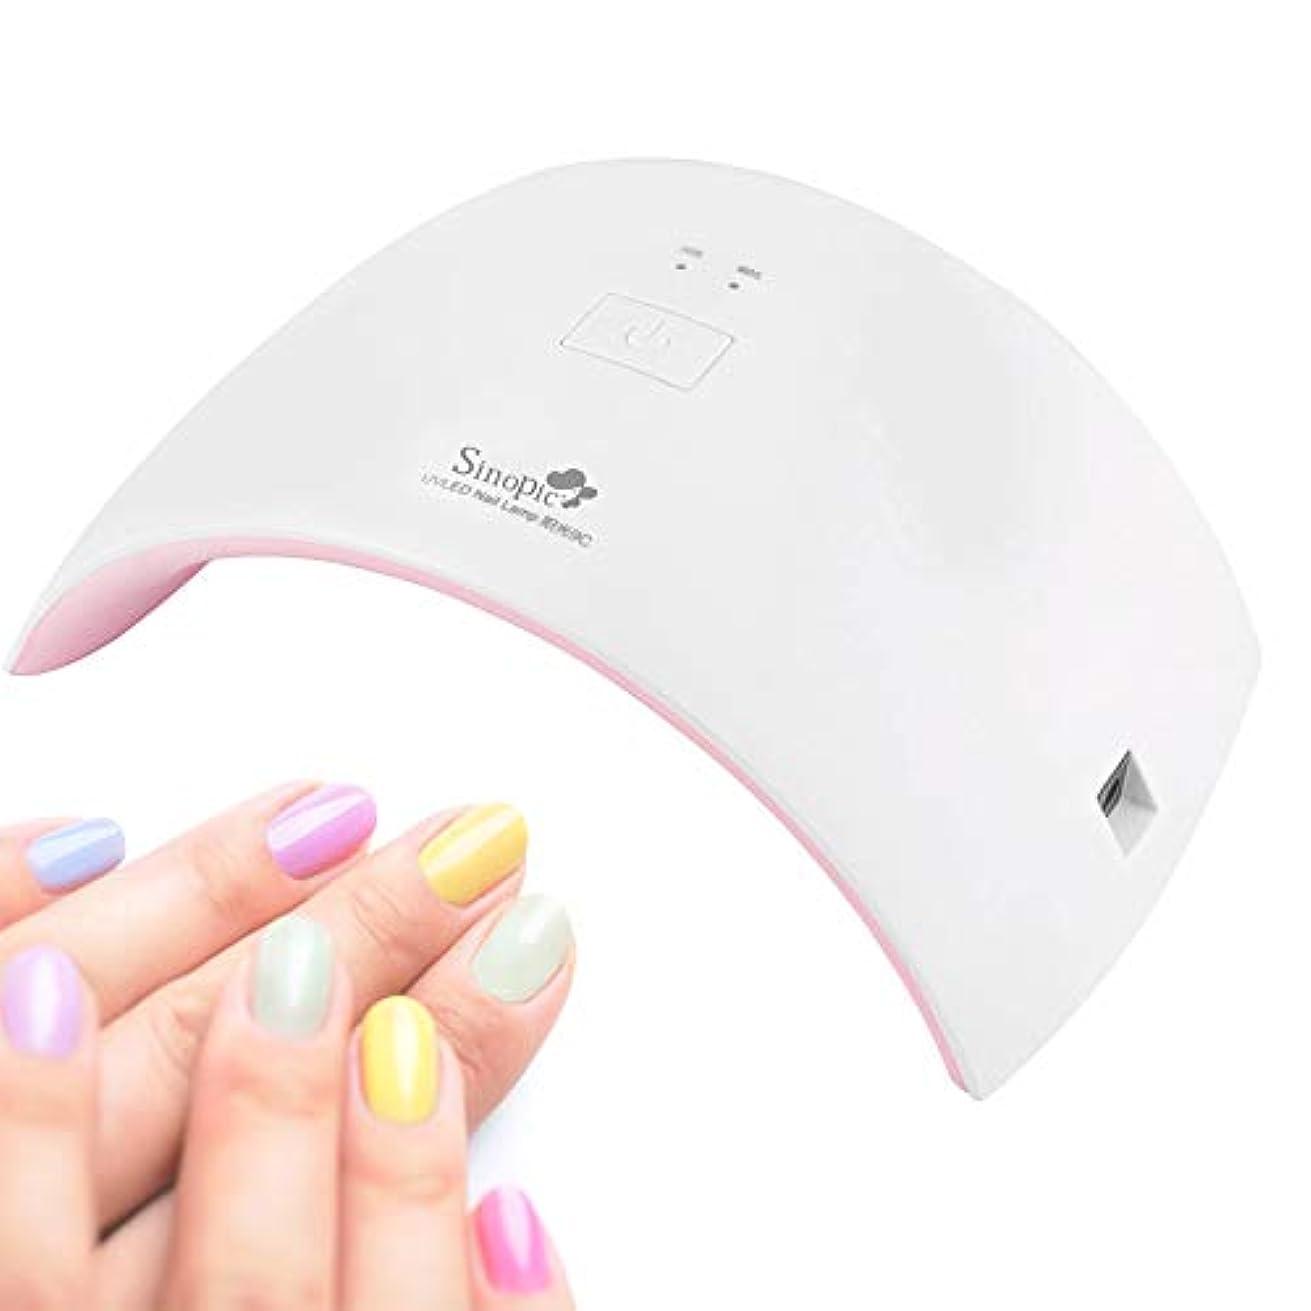 威信米ドルセーブSinopic ネイル硬化用ライト 24W UVライトネイルドライヤー UV LEDライトマニキュア用 LED ネイルドライヤー タイマー機能 自動センサー機能 レジンにも便利